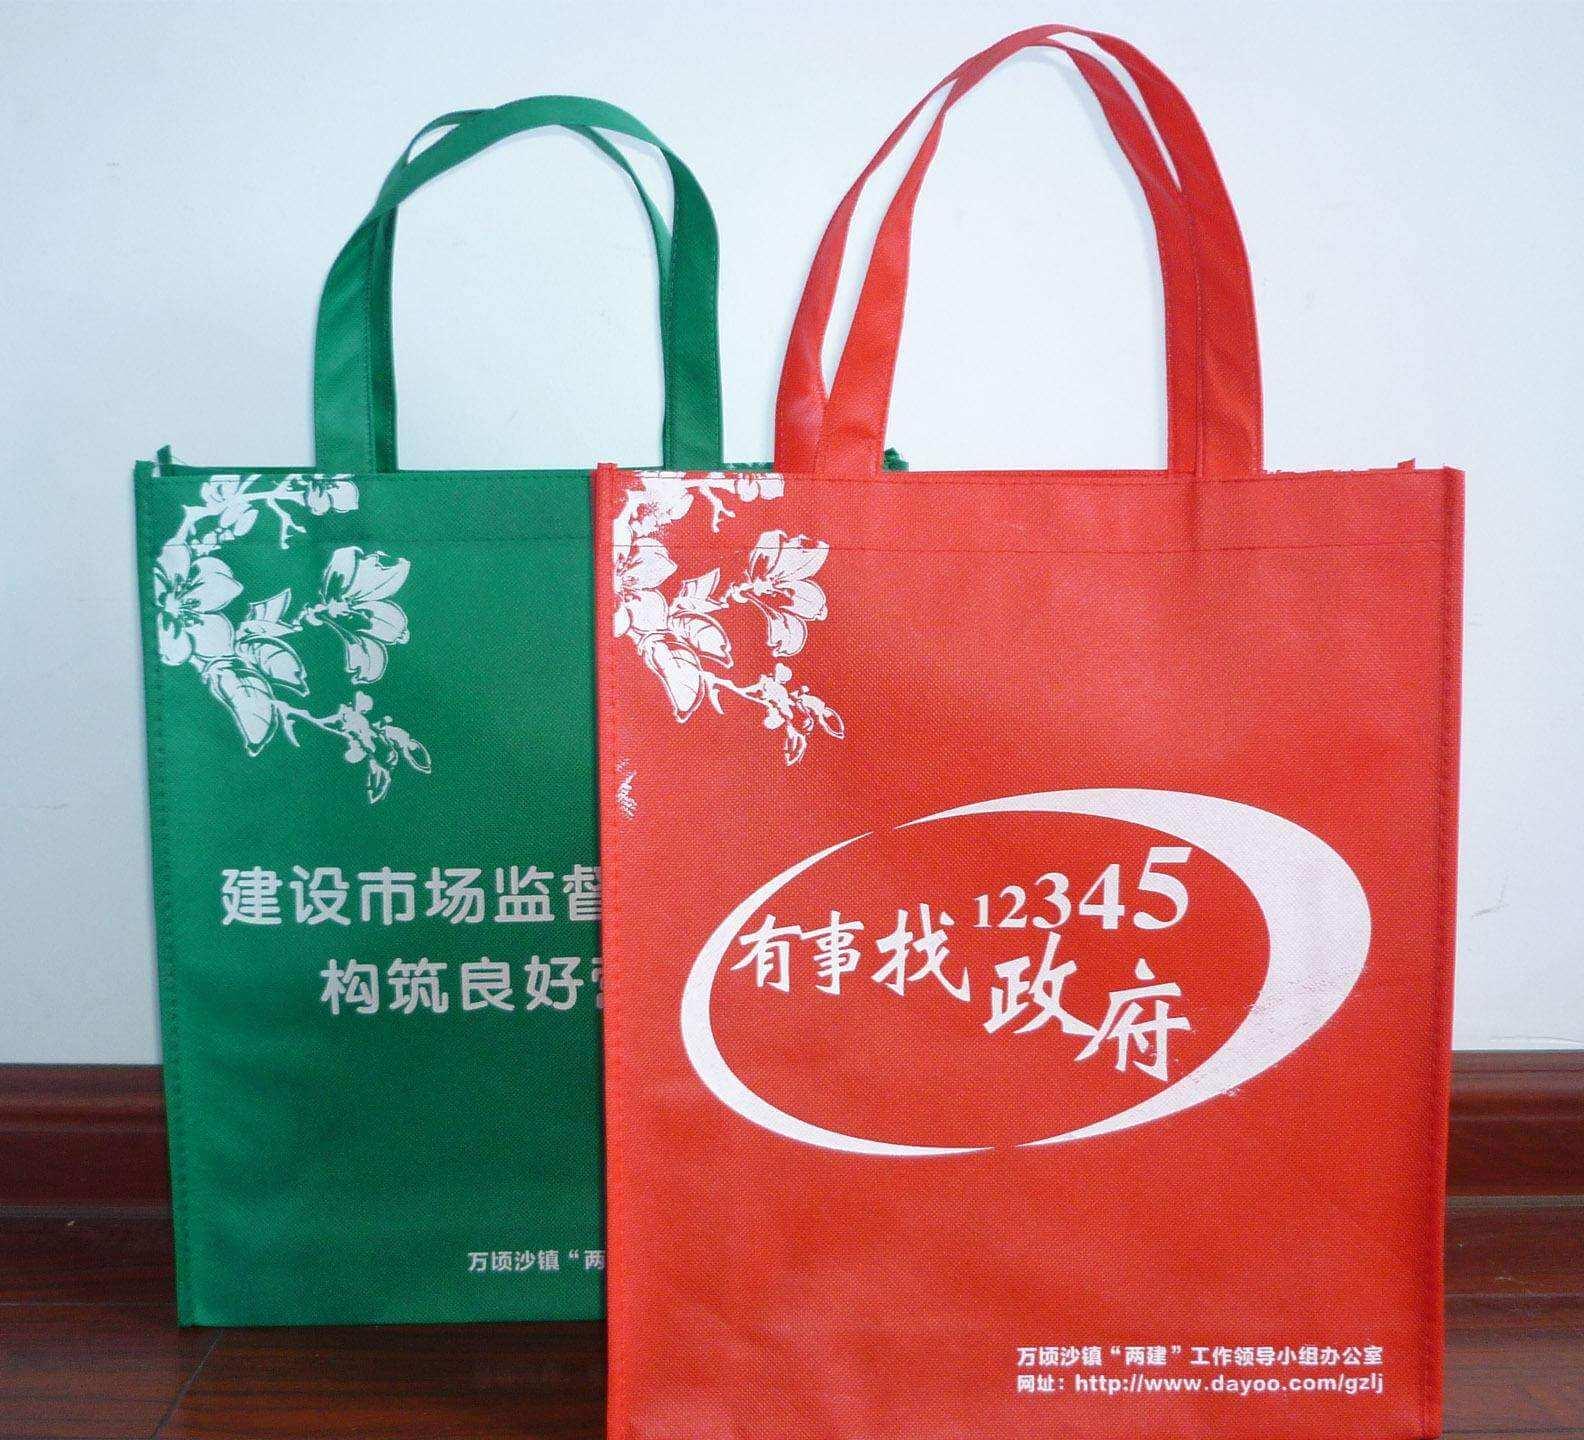 環保(bao)袋